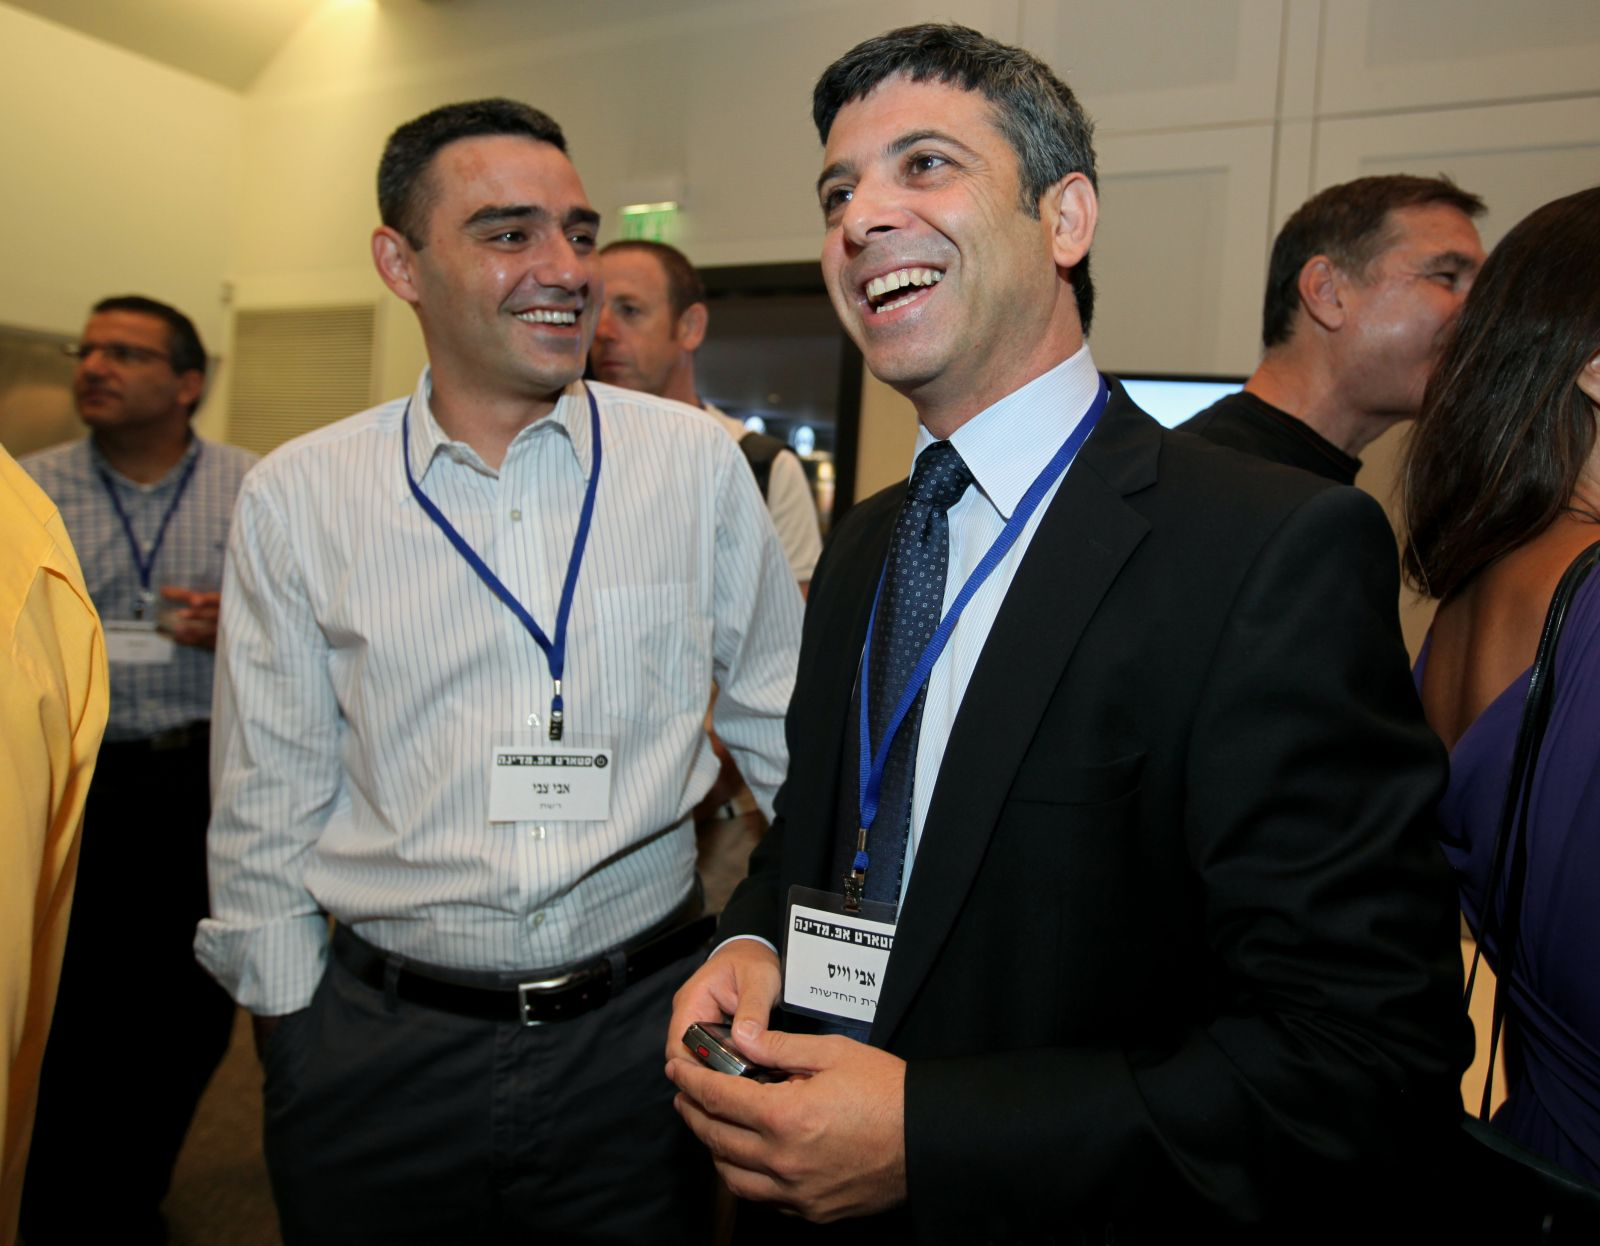 """מנכ""""ל חברת החדשות של ערוץ 2 אבי וייס (מימין) עם מנכ""""ל הזכיינית רשת אבי צבי, יולי 2009 (צילום: משה שי)"""